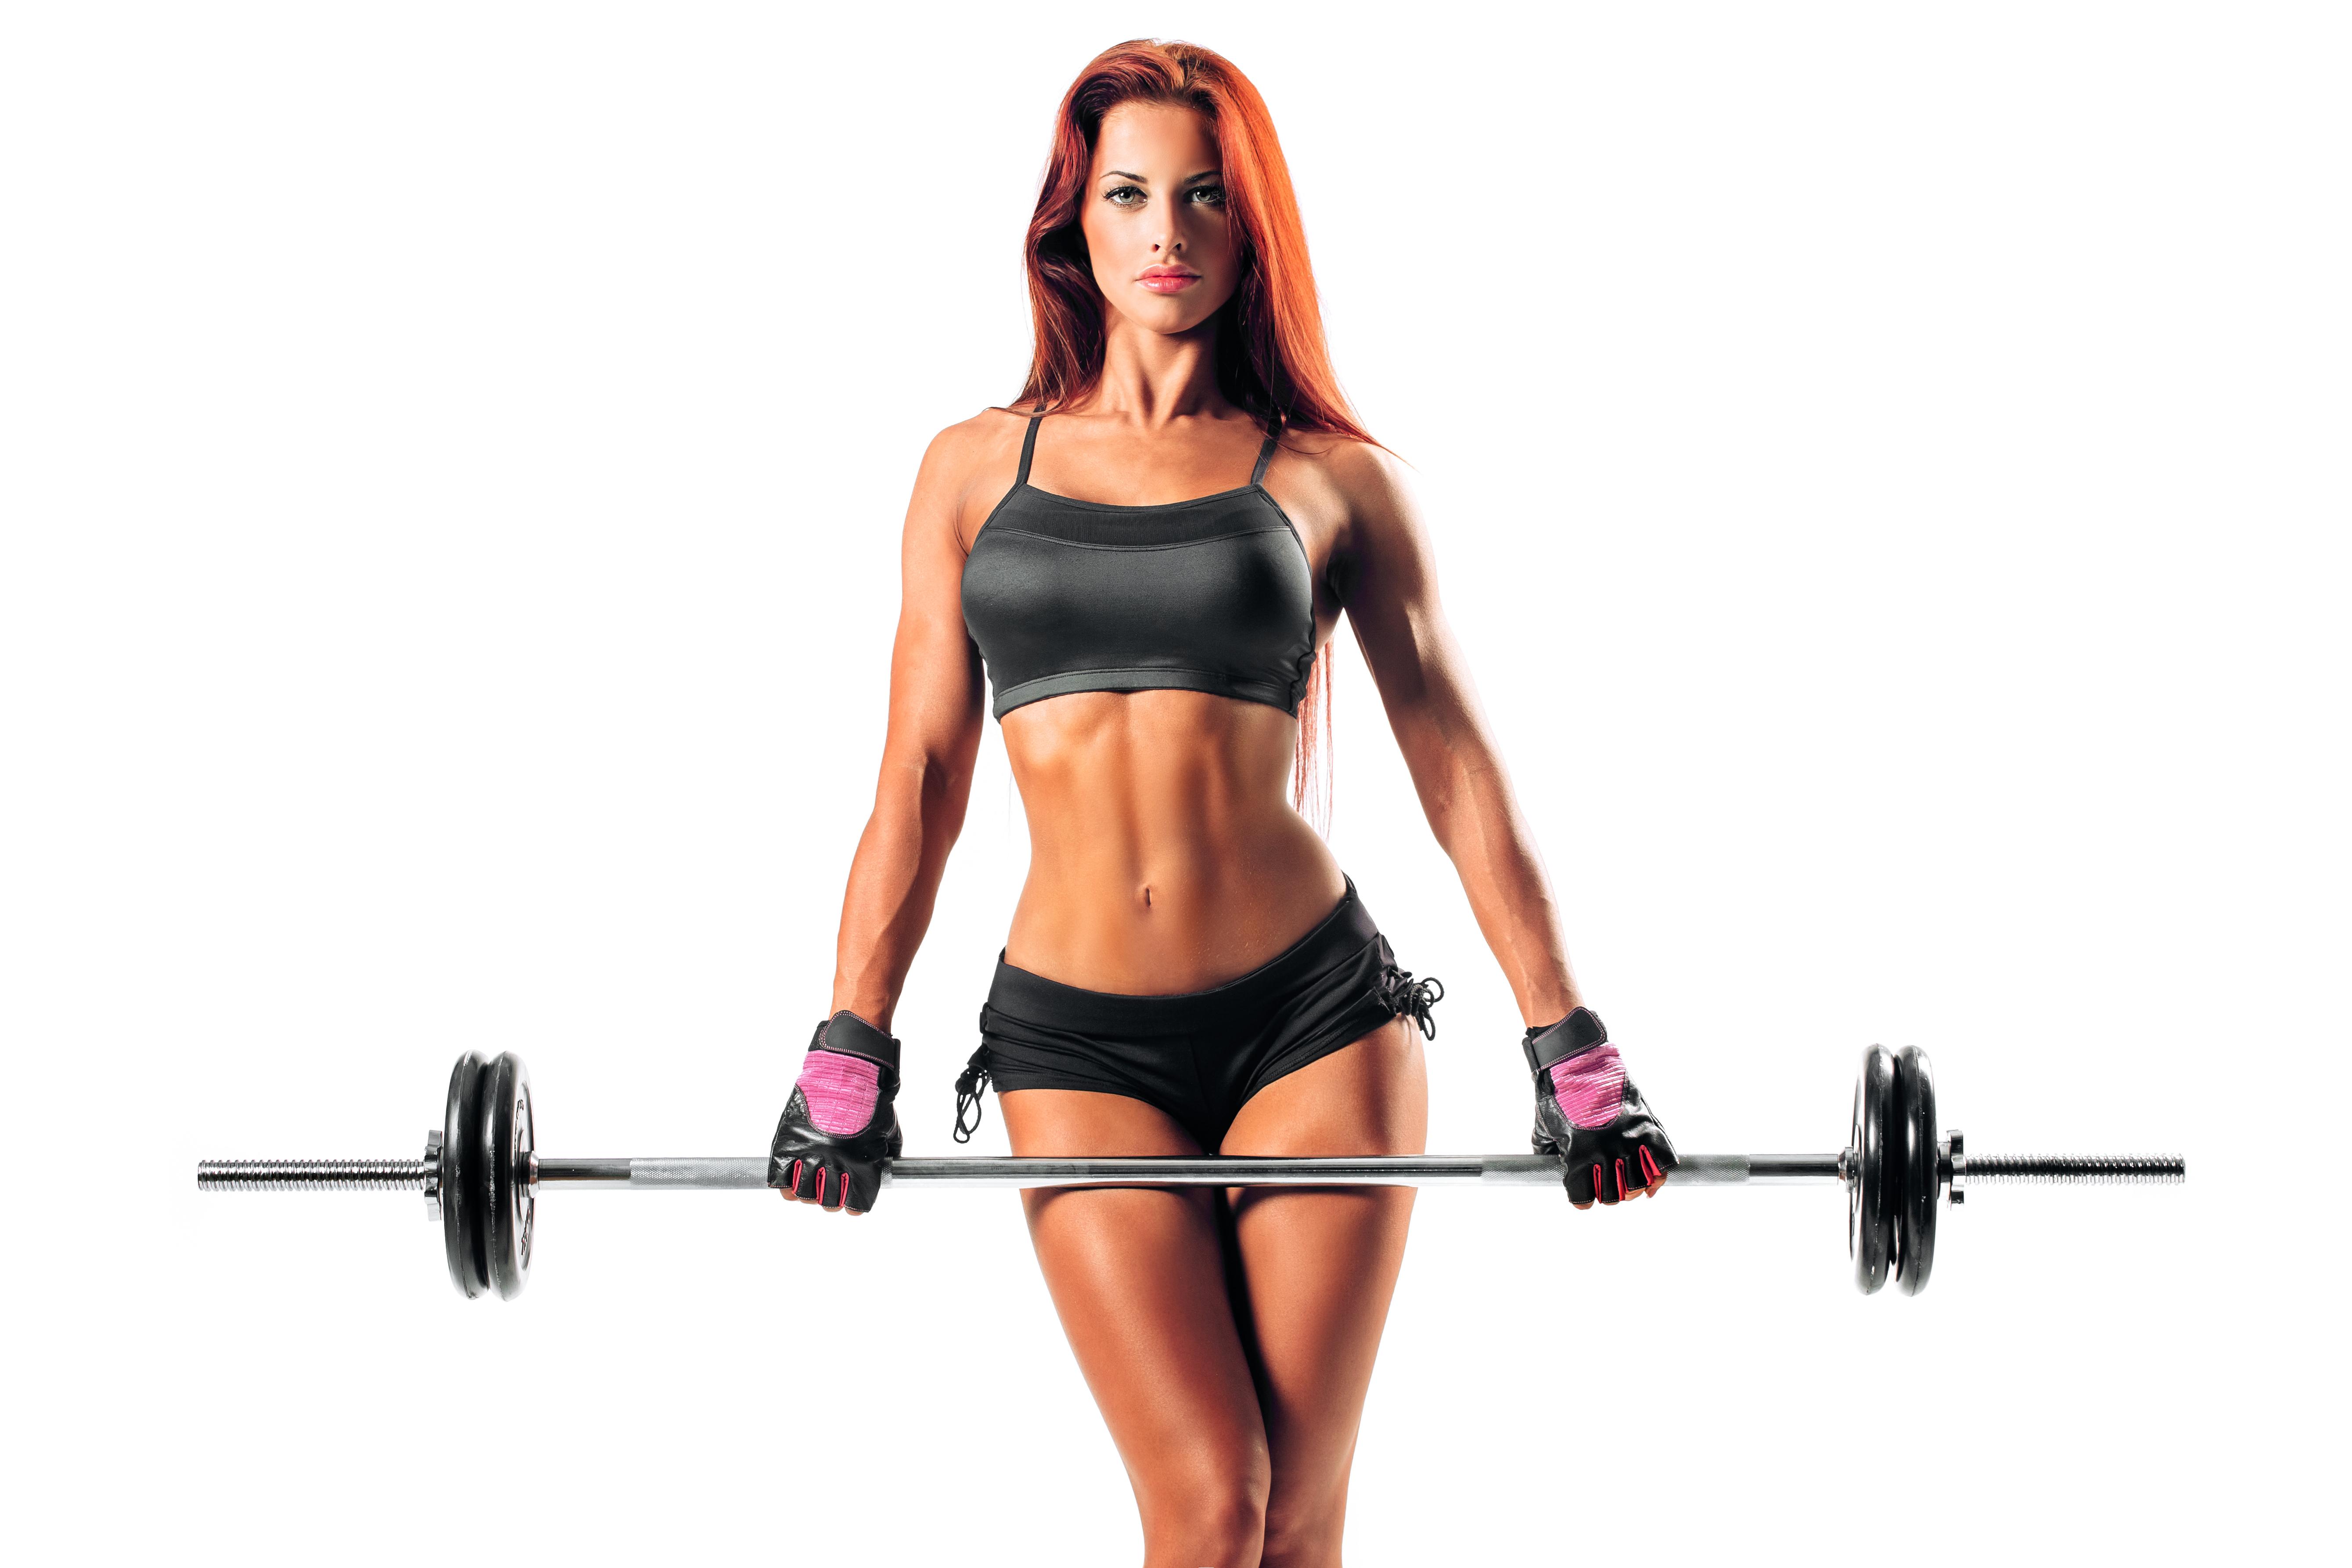 Картинка: Девушка, штанга, спортсменка, тело, фигура, стройная, белый фон